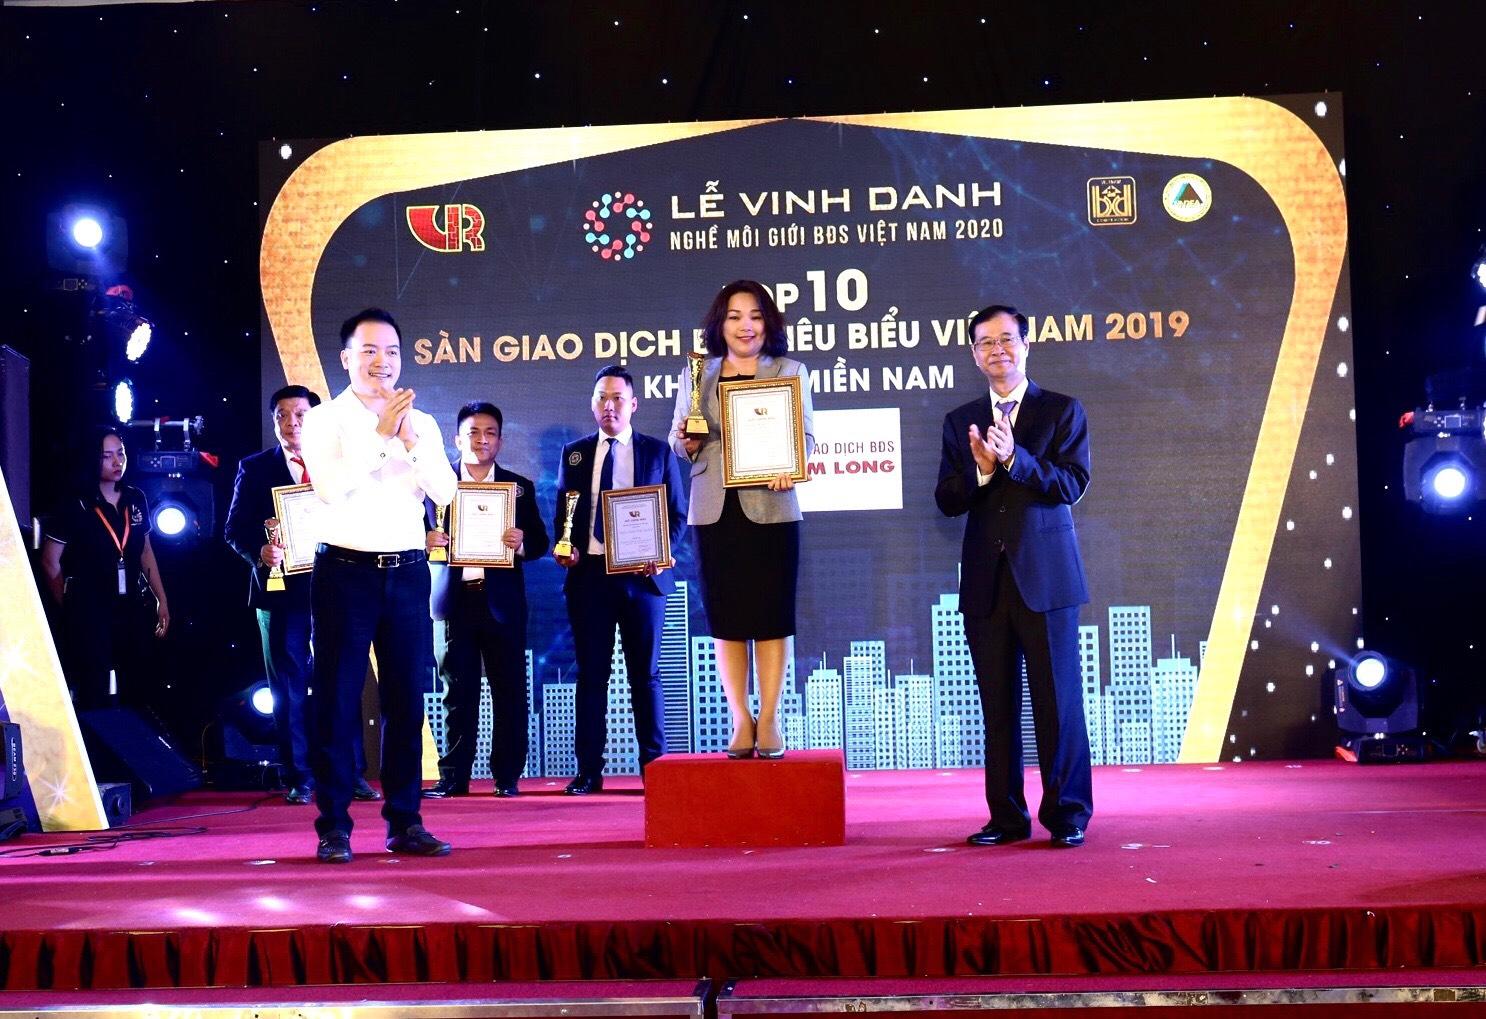 Sàn bất động sản Nam Long 'công phá' những giải thưởng danh giá trong và ngoài nước 1